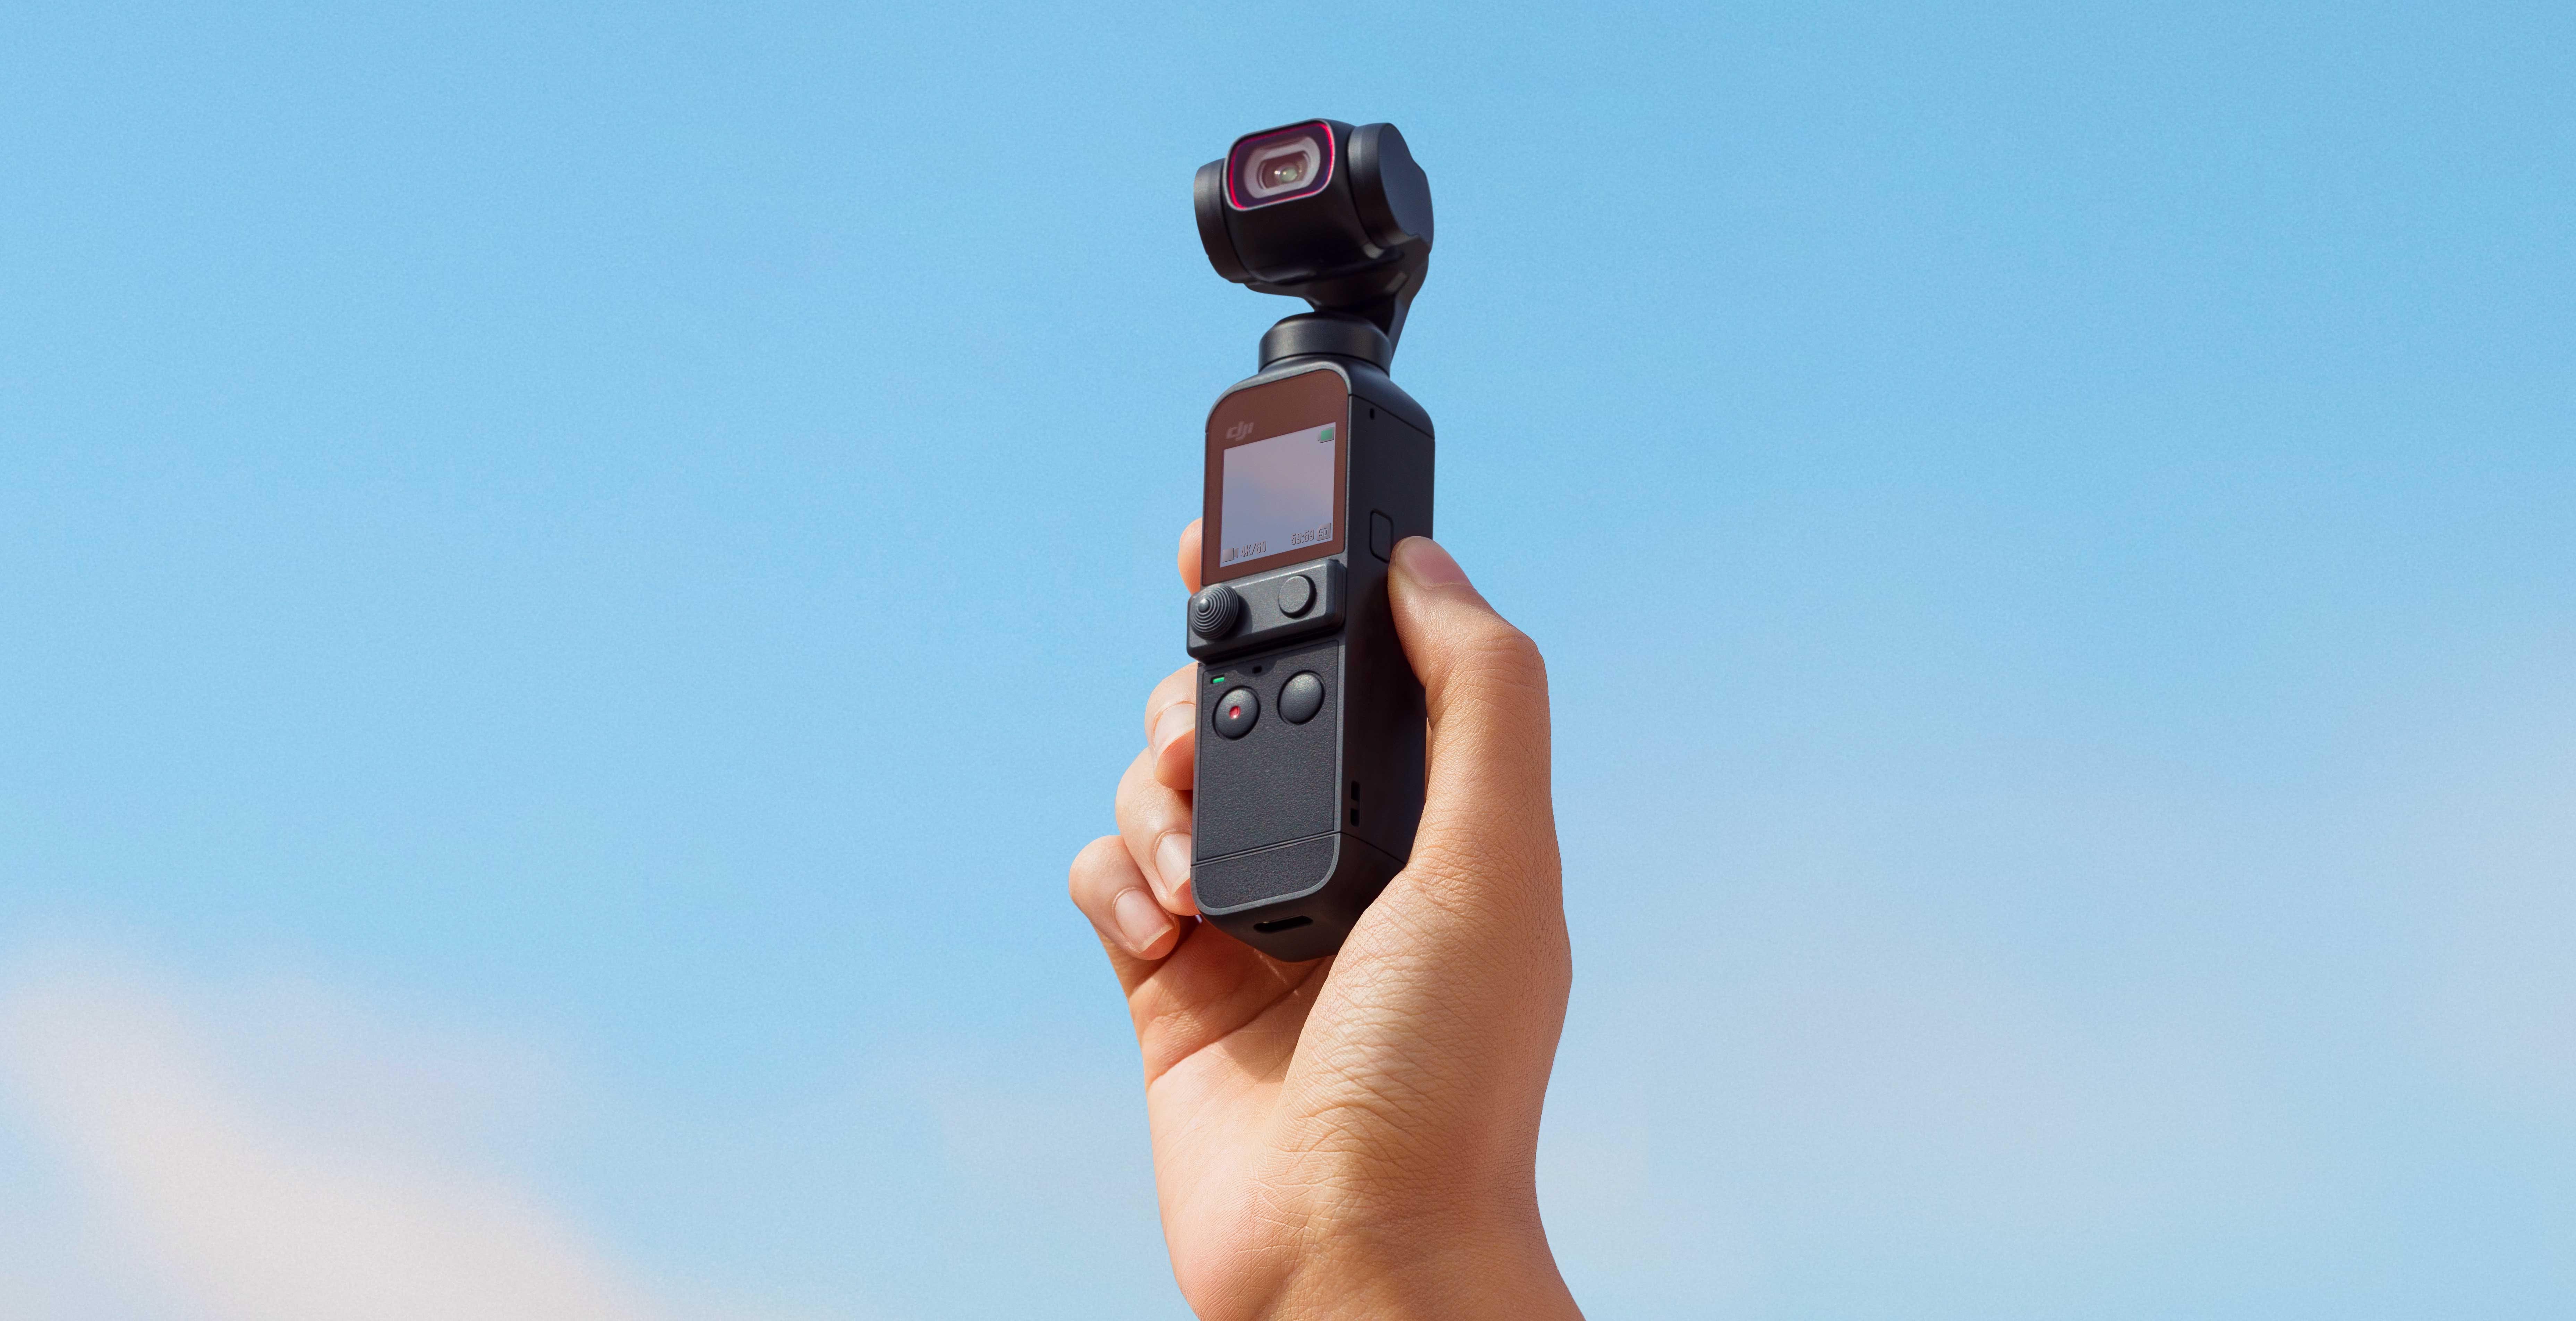 Anteprima DJI Pocket 2. Sensore più grande, controller stick e audio migliorato